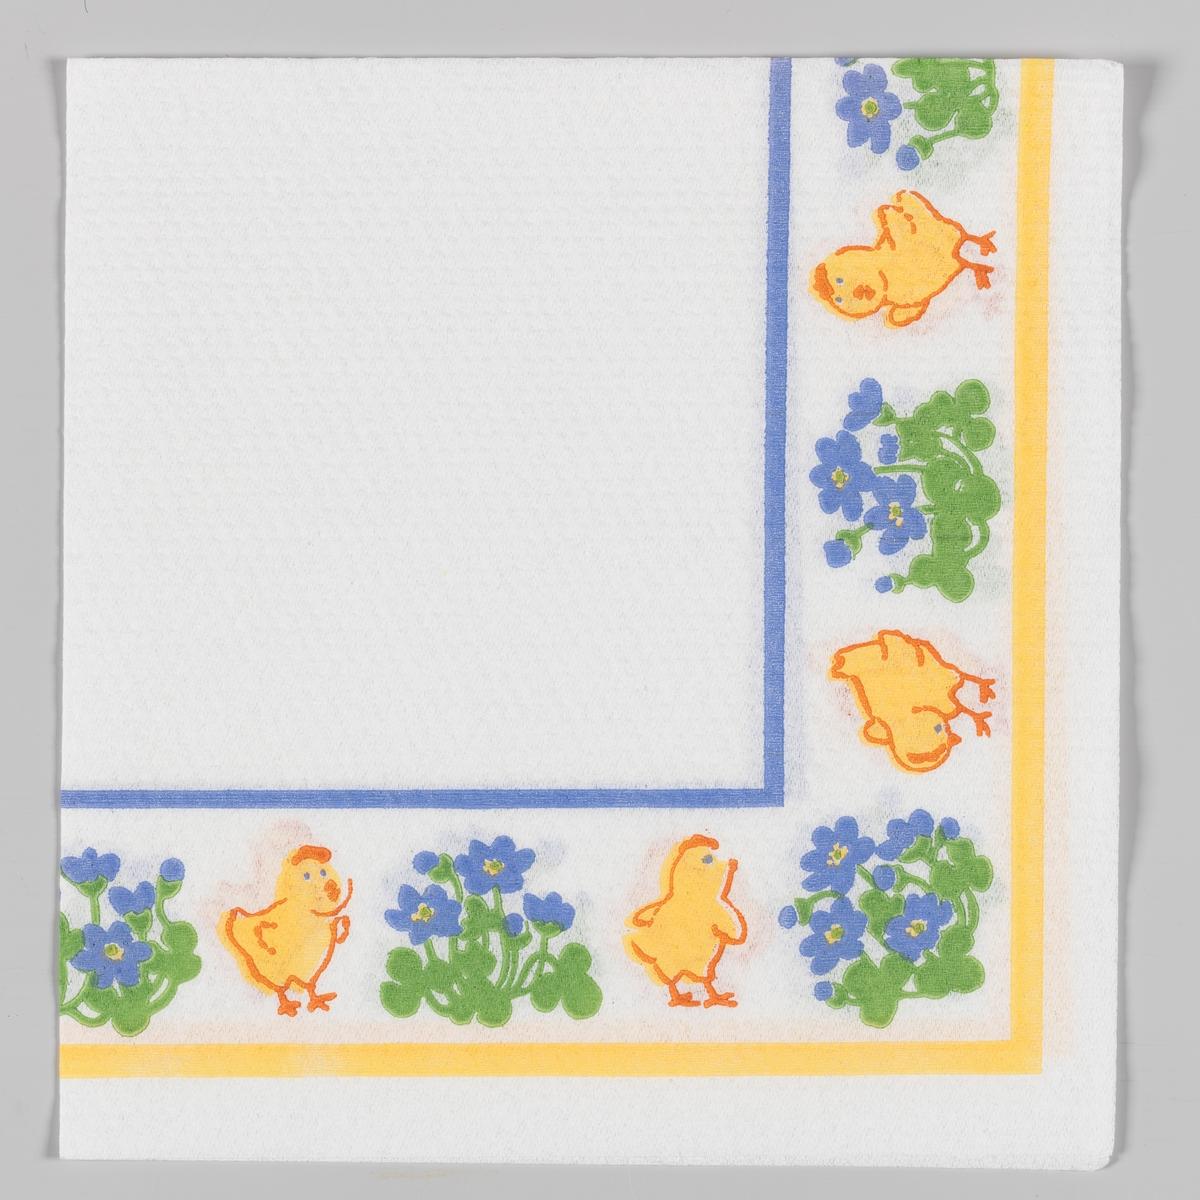 Kyllinger og blå blomster langs kanten av servietten. Blå og gule kantstriper.